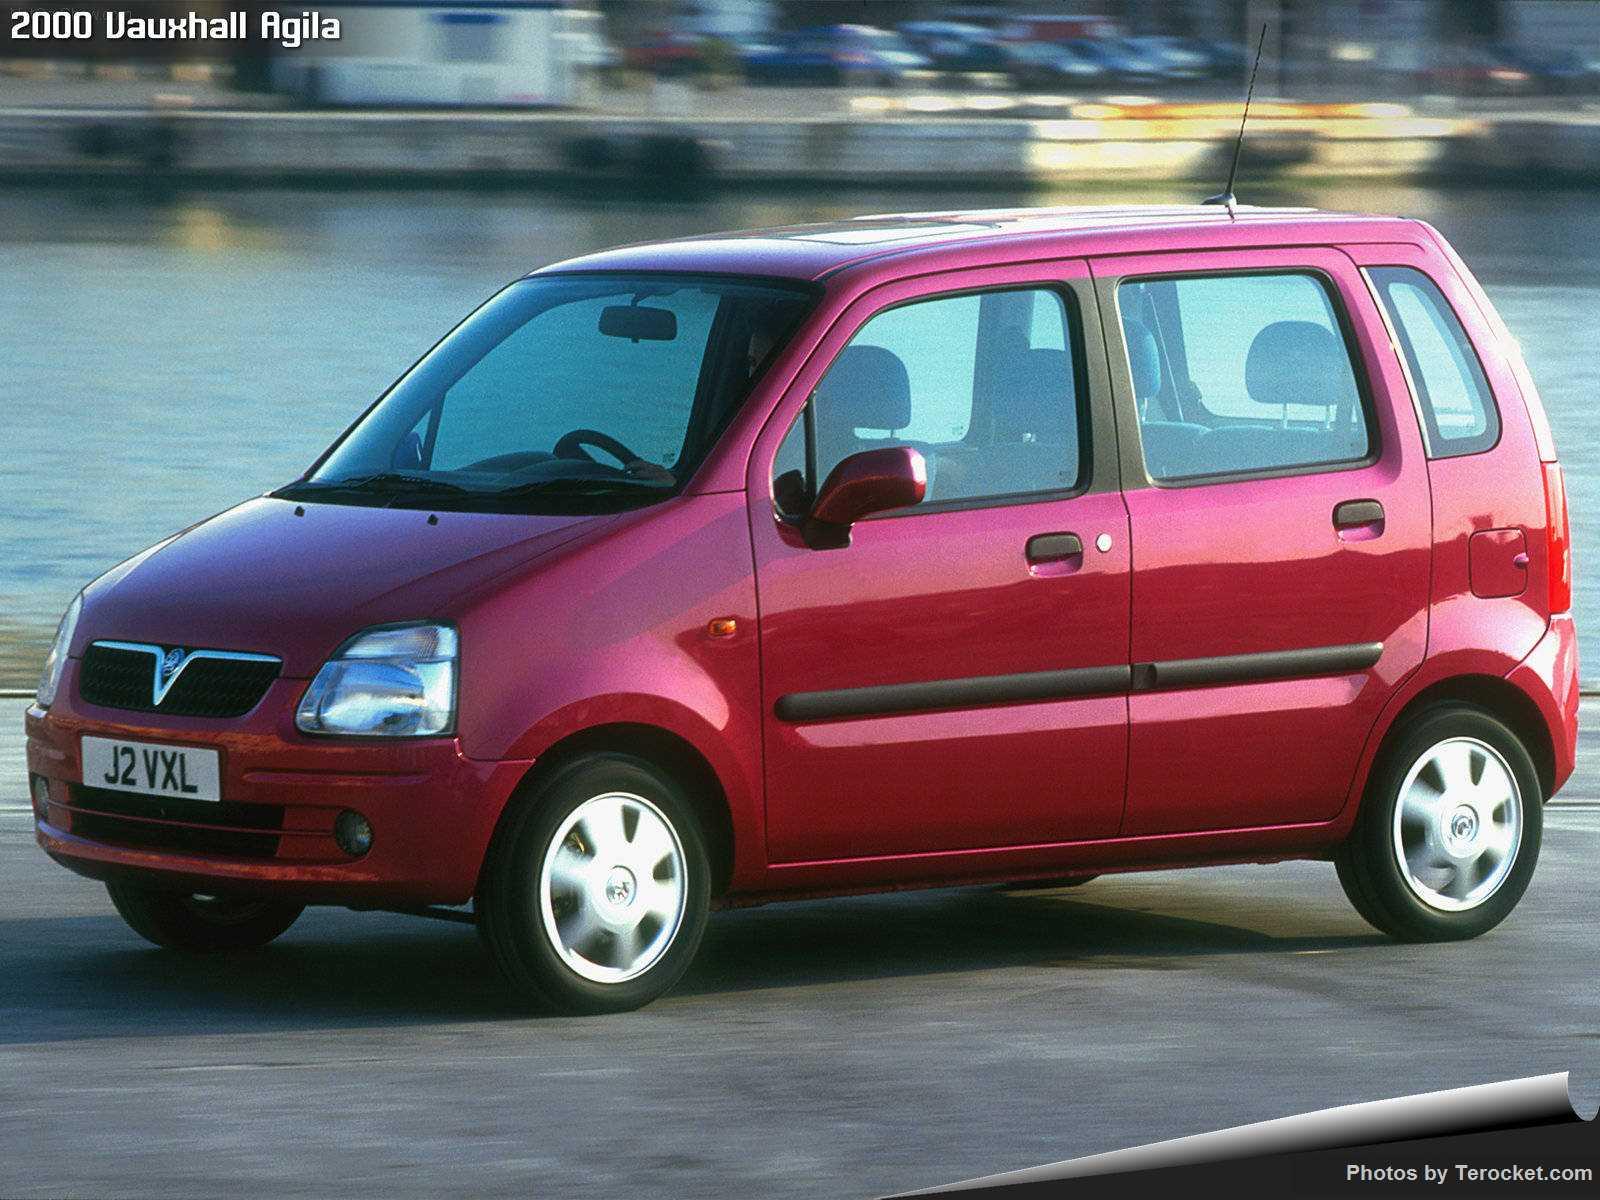 Hình ảnh xe ô tô Vauxhall Agila 2000 & nội ngoại thất